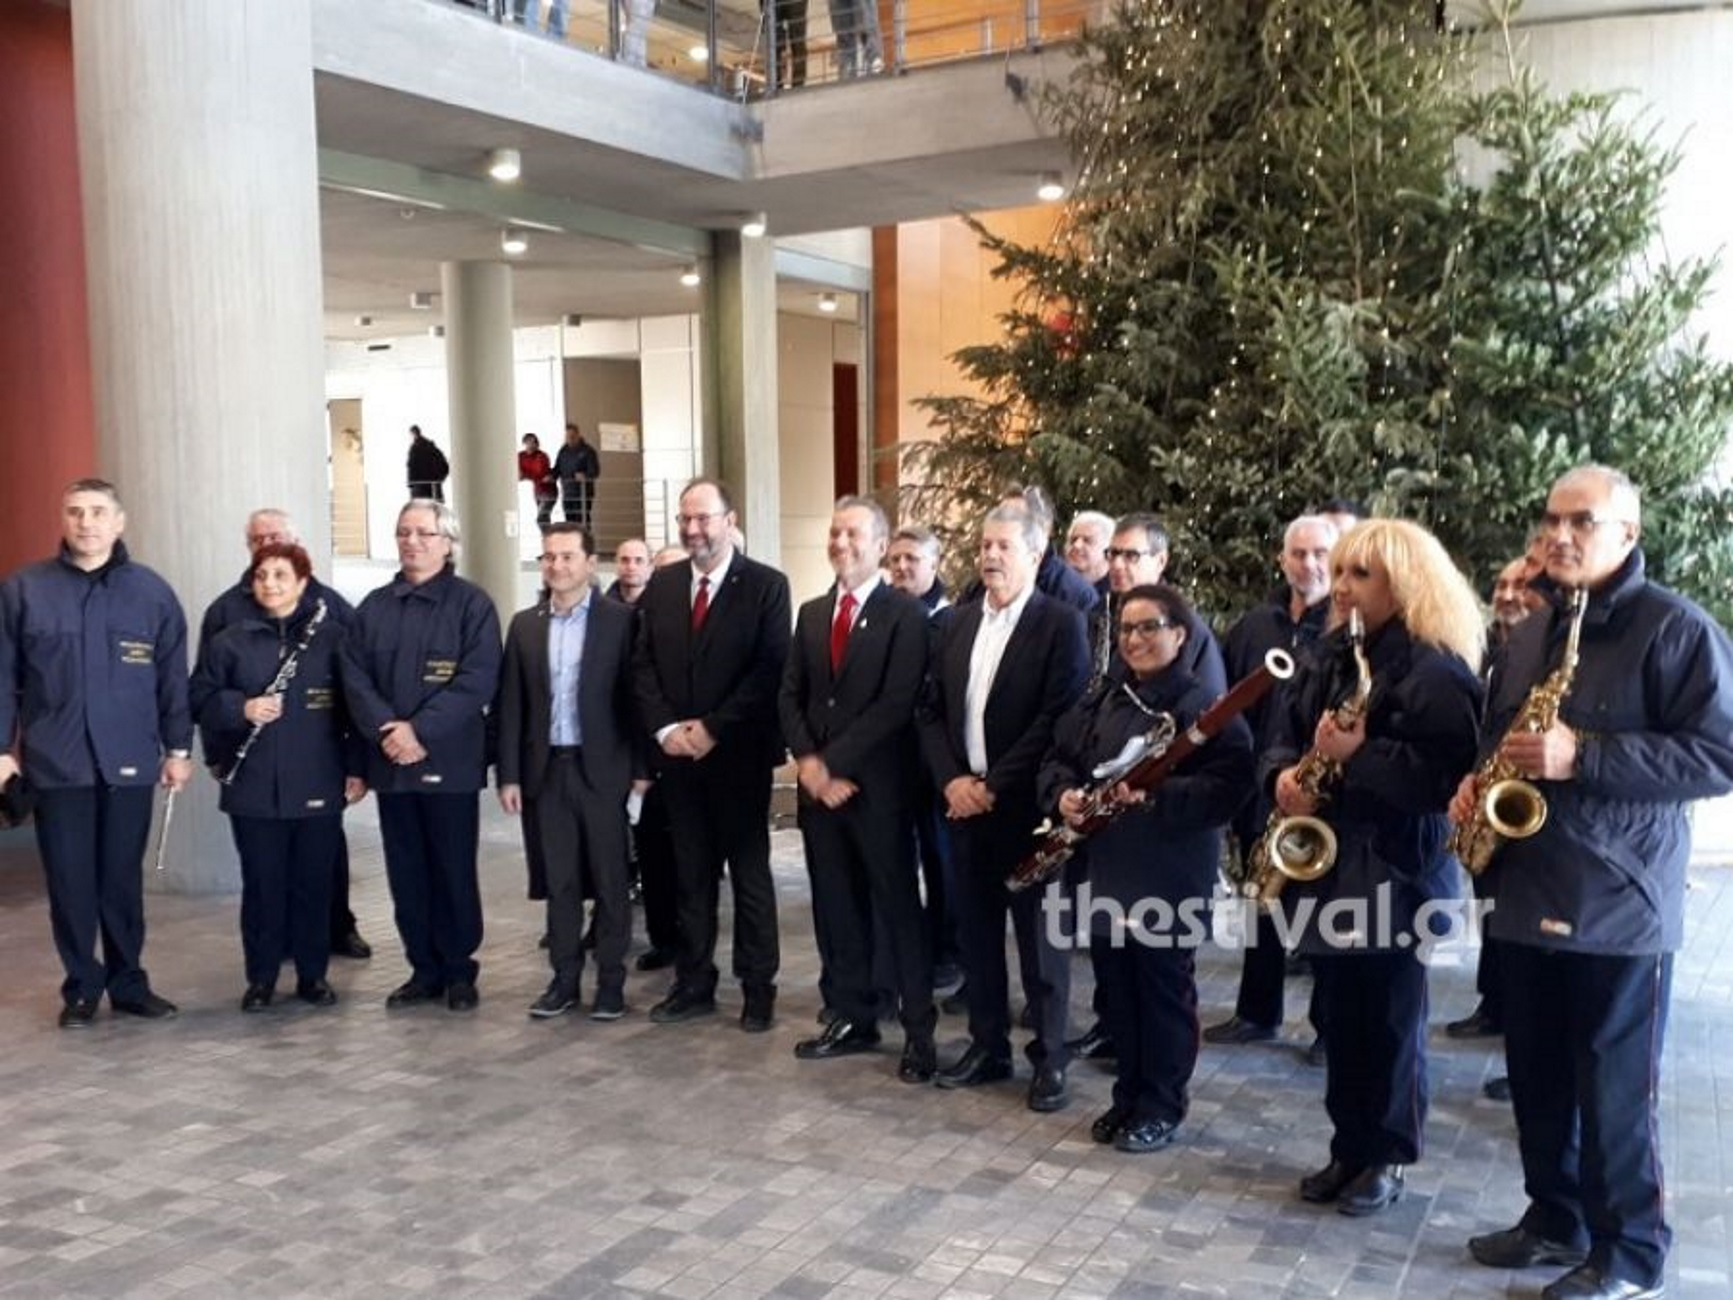 Θεσσαλονίκη: Χαμόγελα, ευχές και τα κάλαντα της πρωτοχρονιάς στο δημαρχείο της πόλης [video]